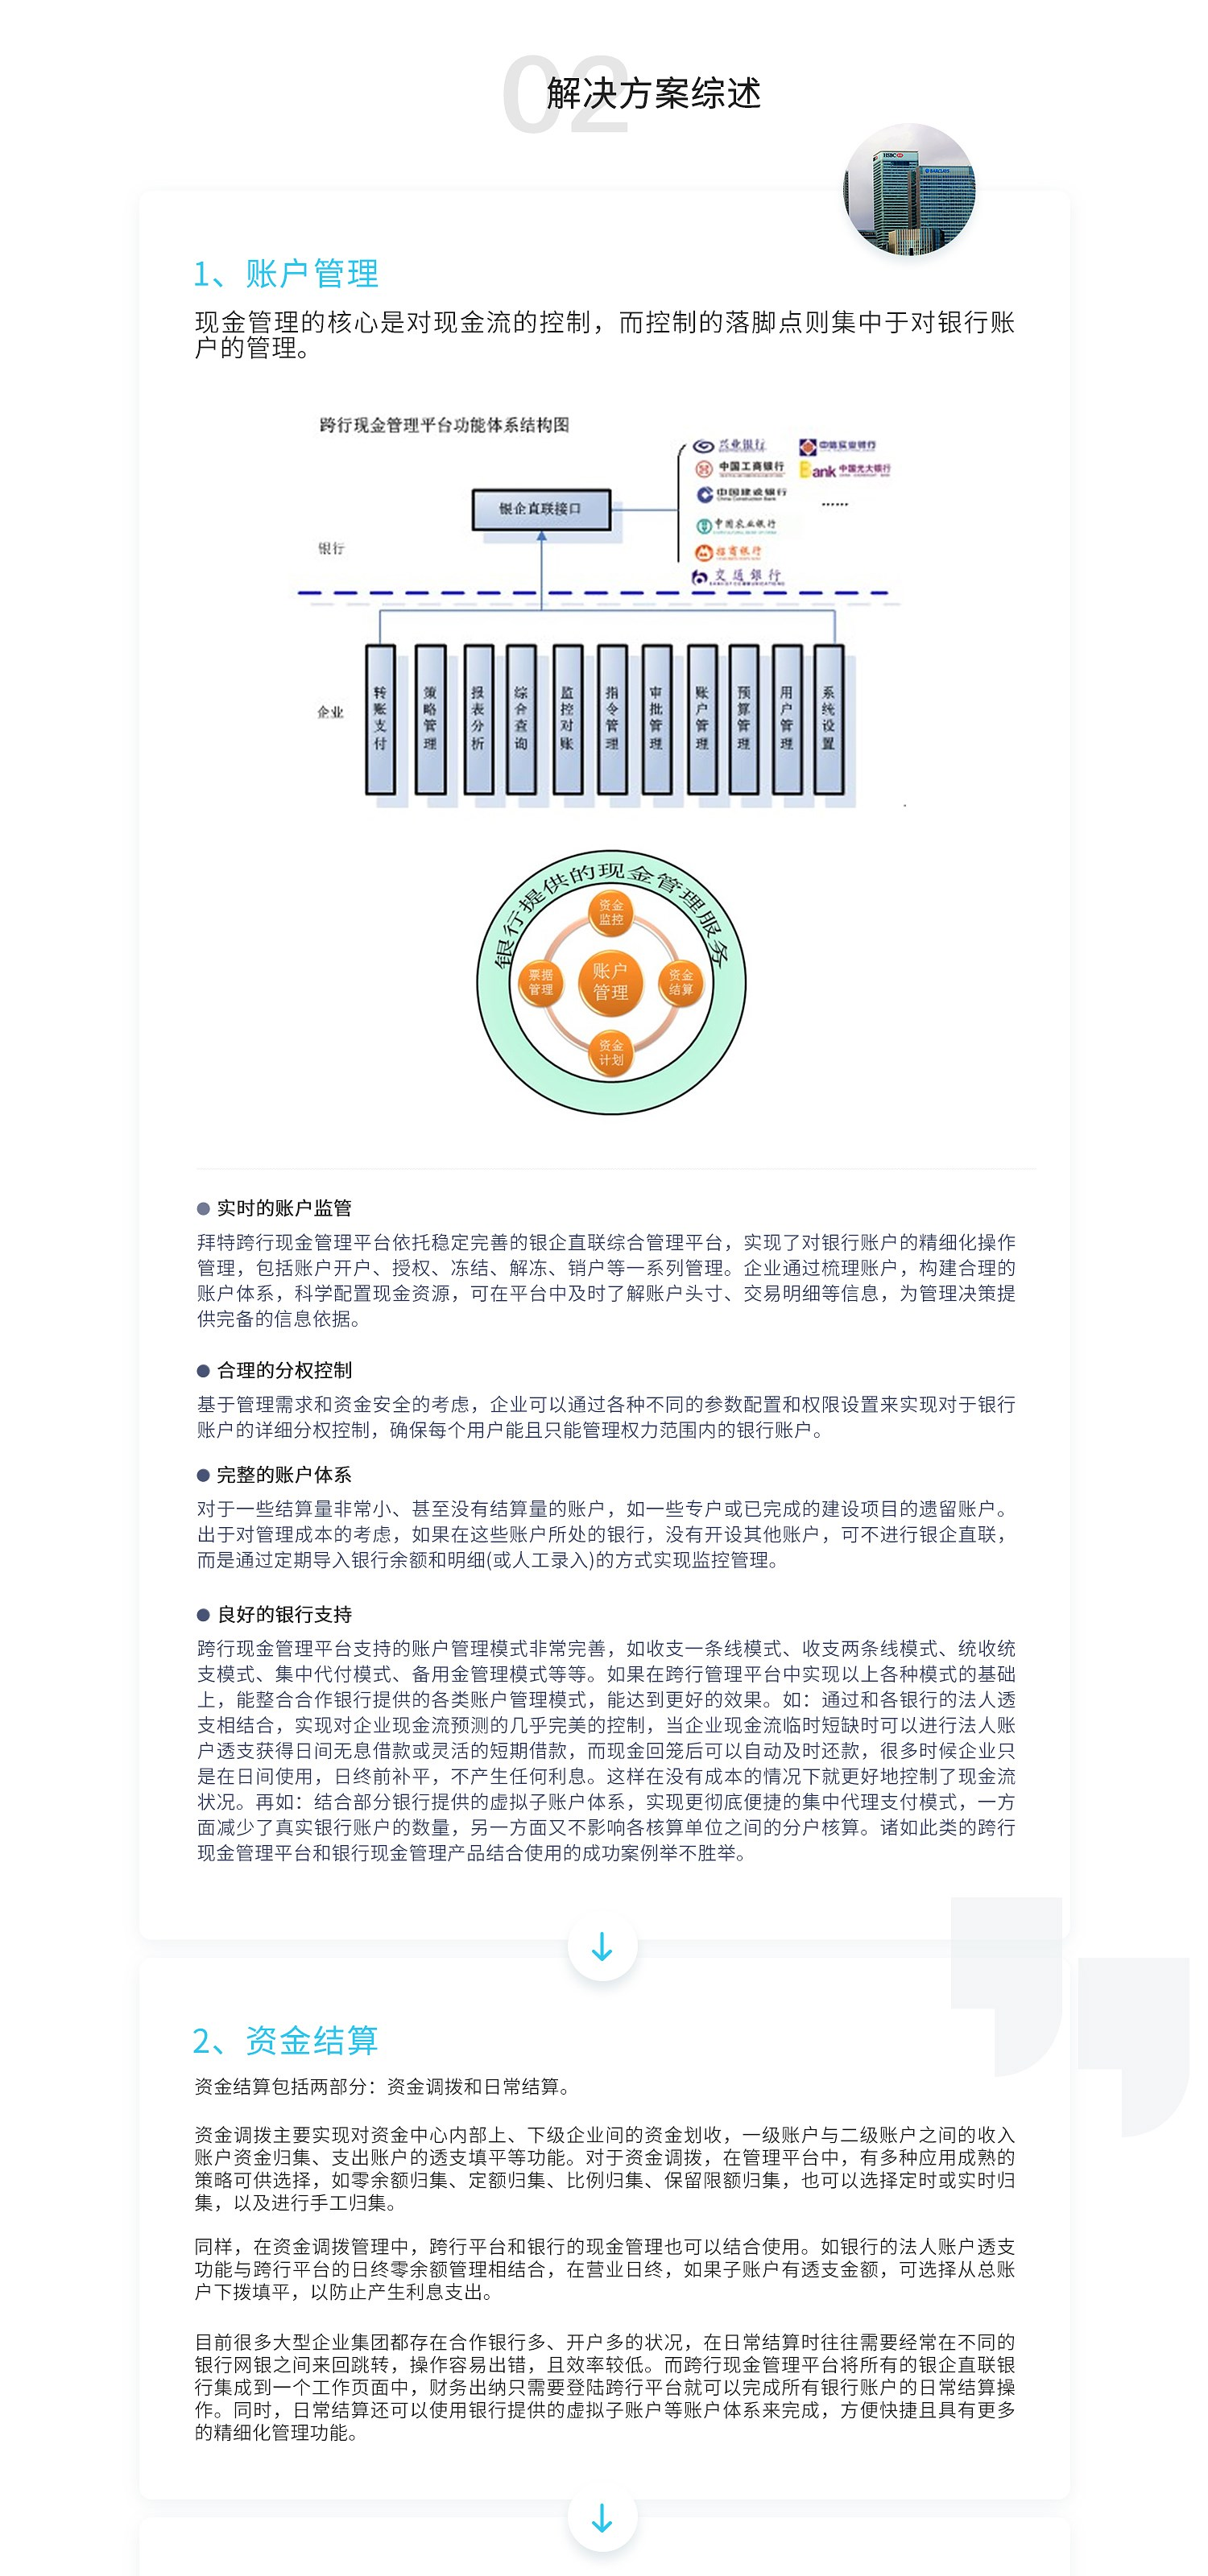 银行合作beplay2网页登录管理解决方案2-1.jpg